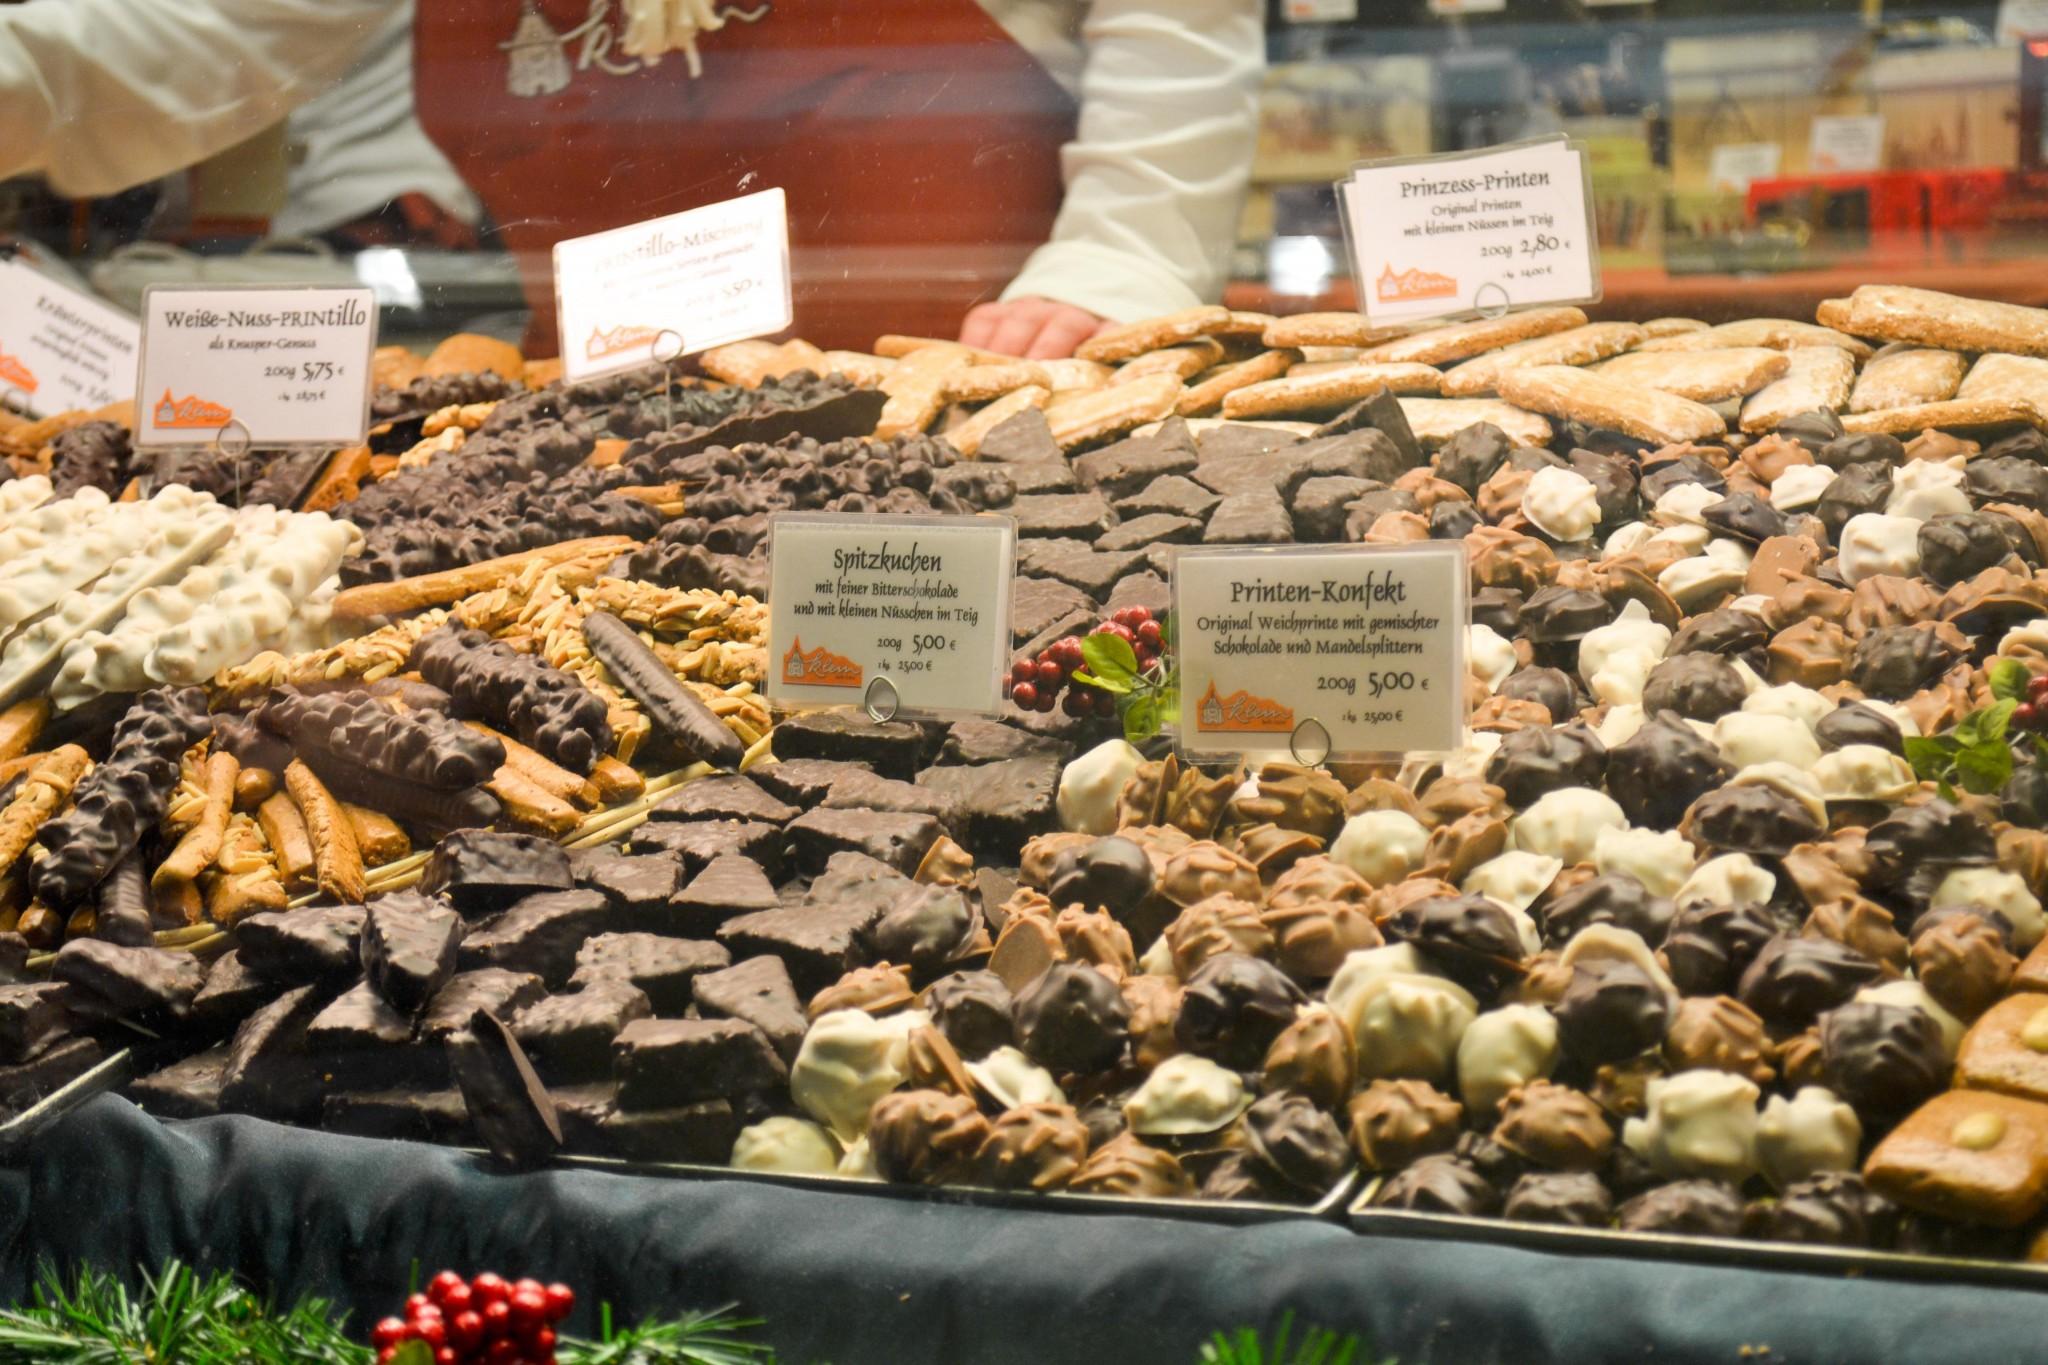 Aachener Printen Gingerbread